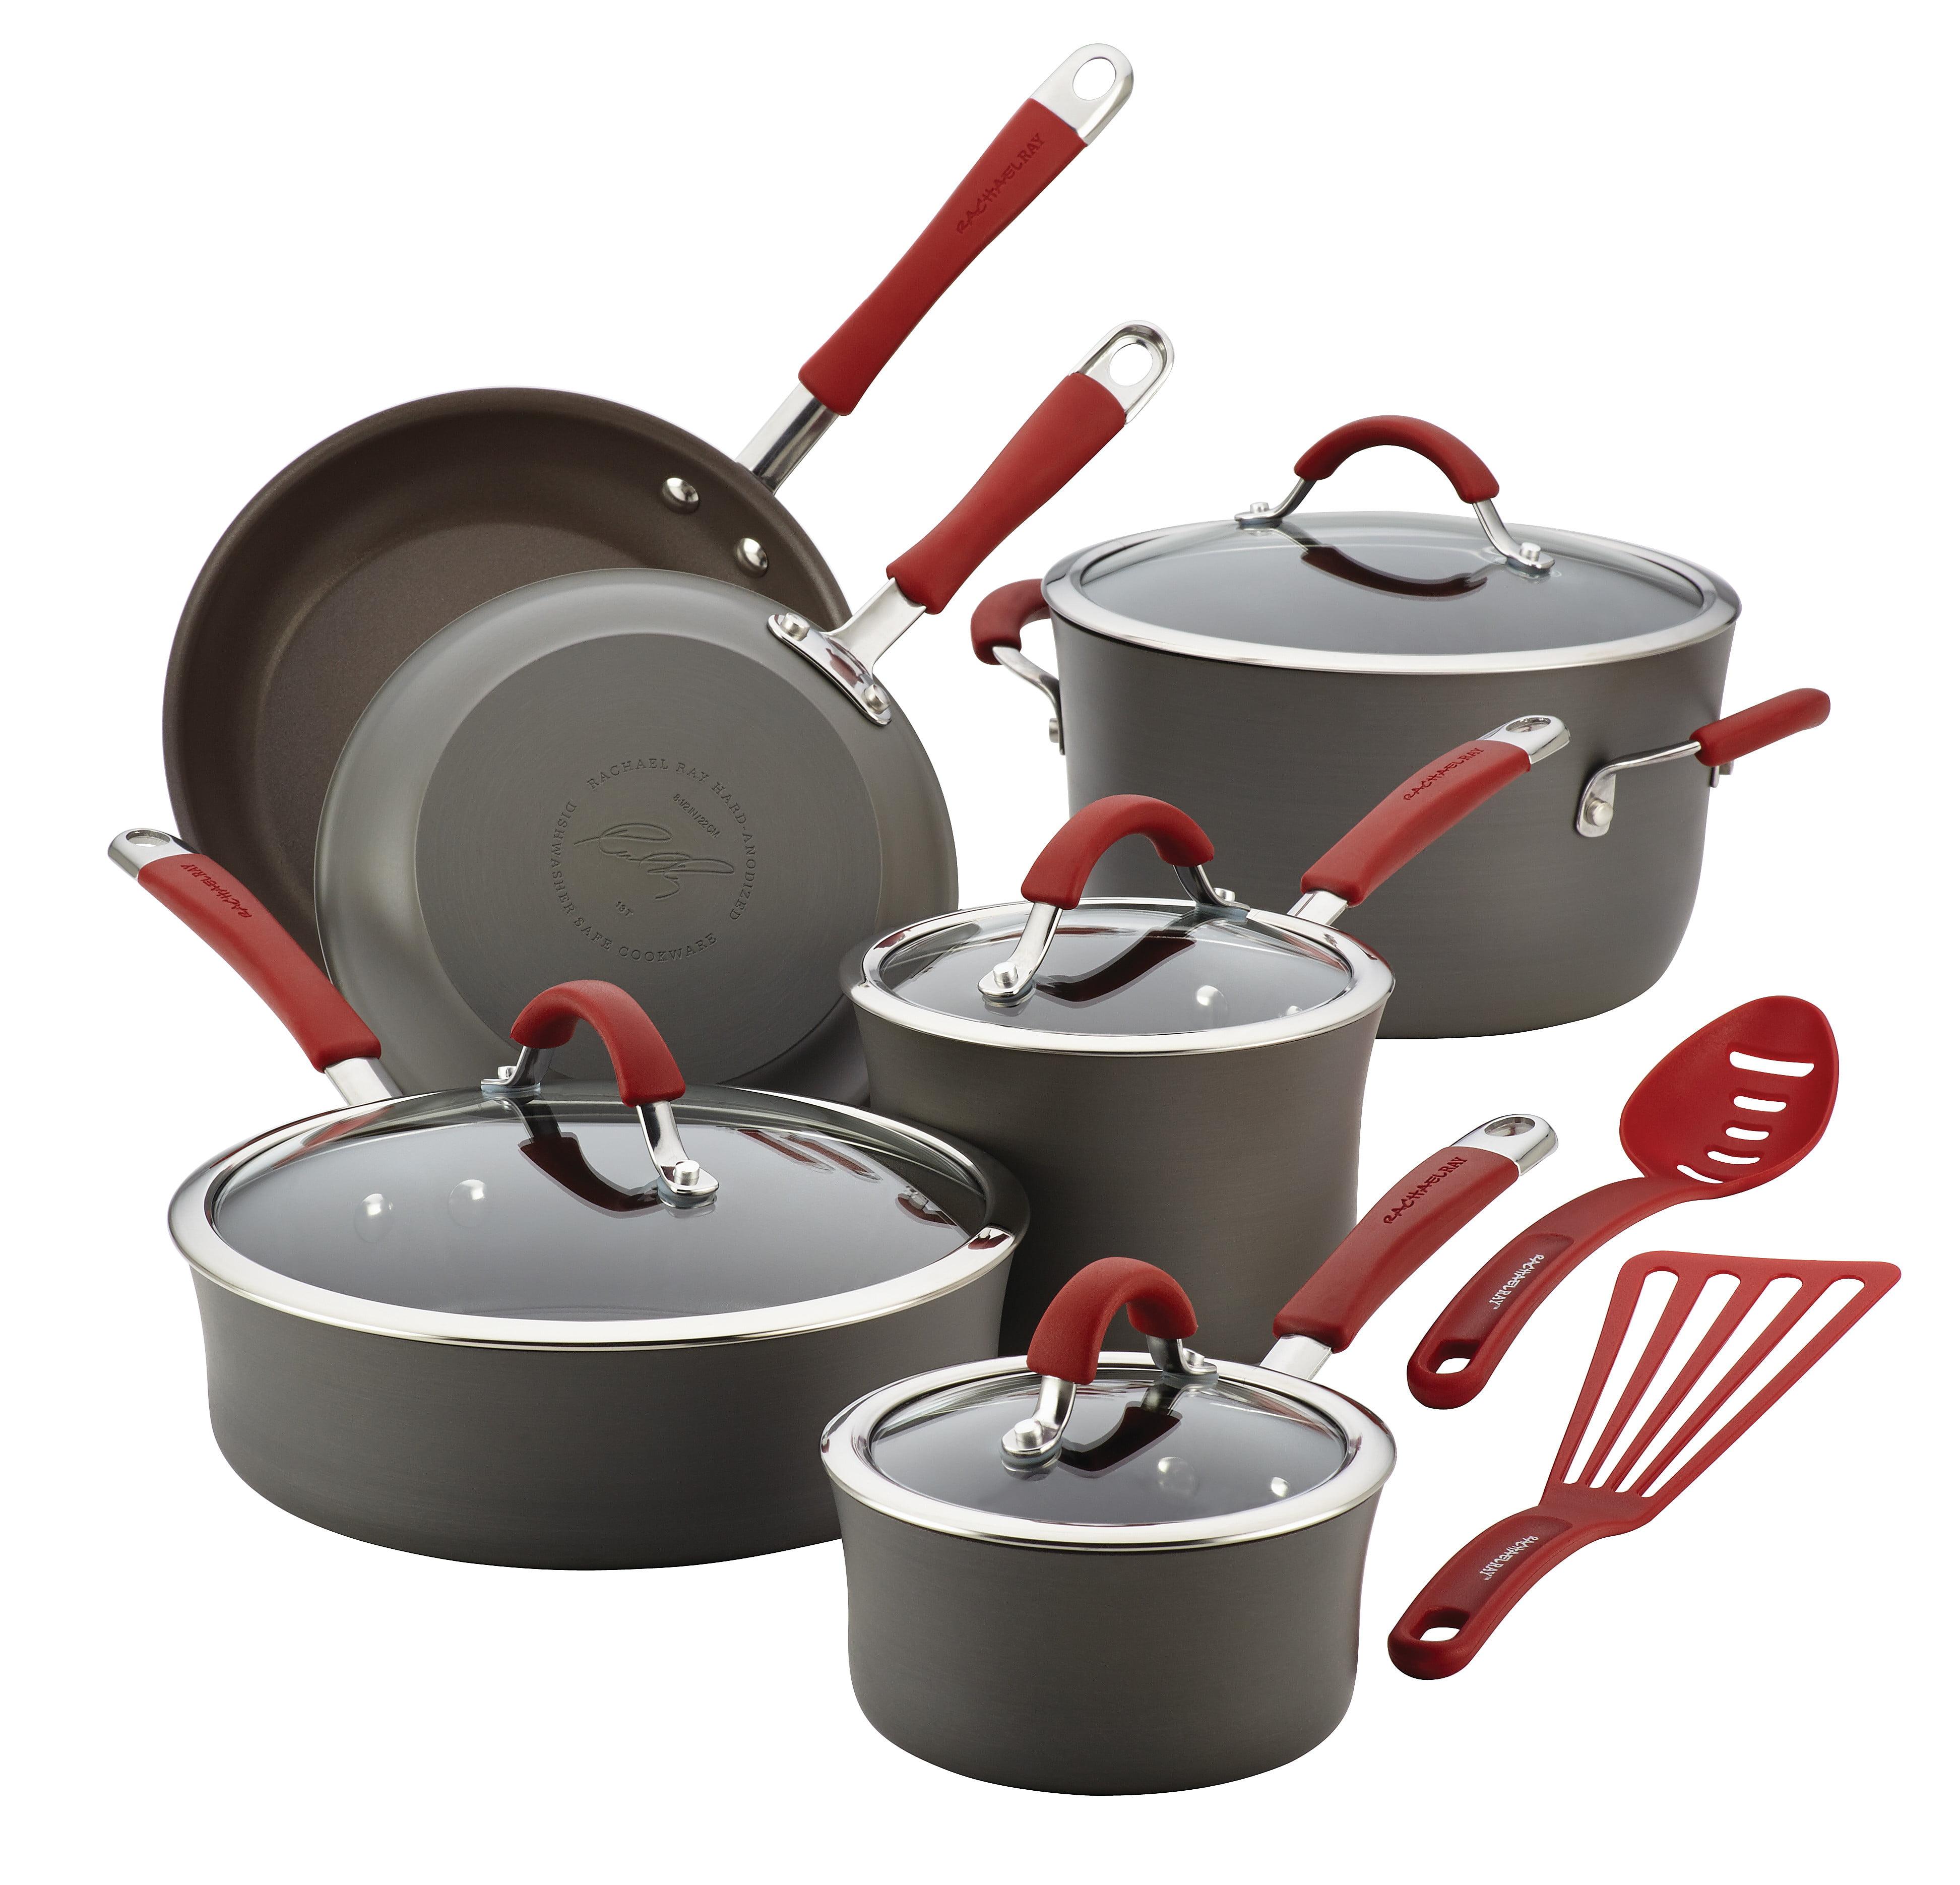 Rachael Ray(r) Cucina Hard-Anodized Aluminum Nonstick Cookware Set, 12-Piece, Gray, Pumpkin Orange Handles